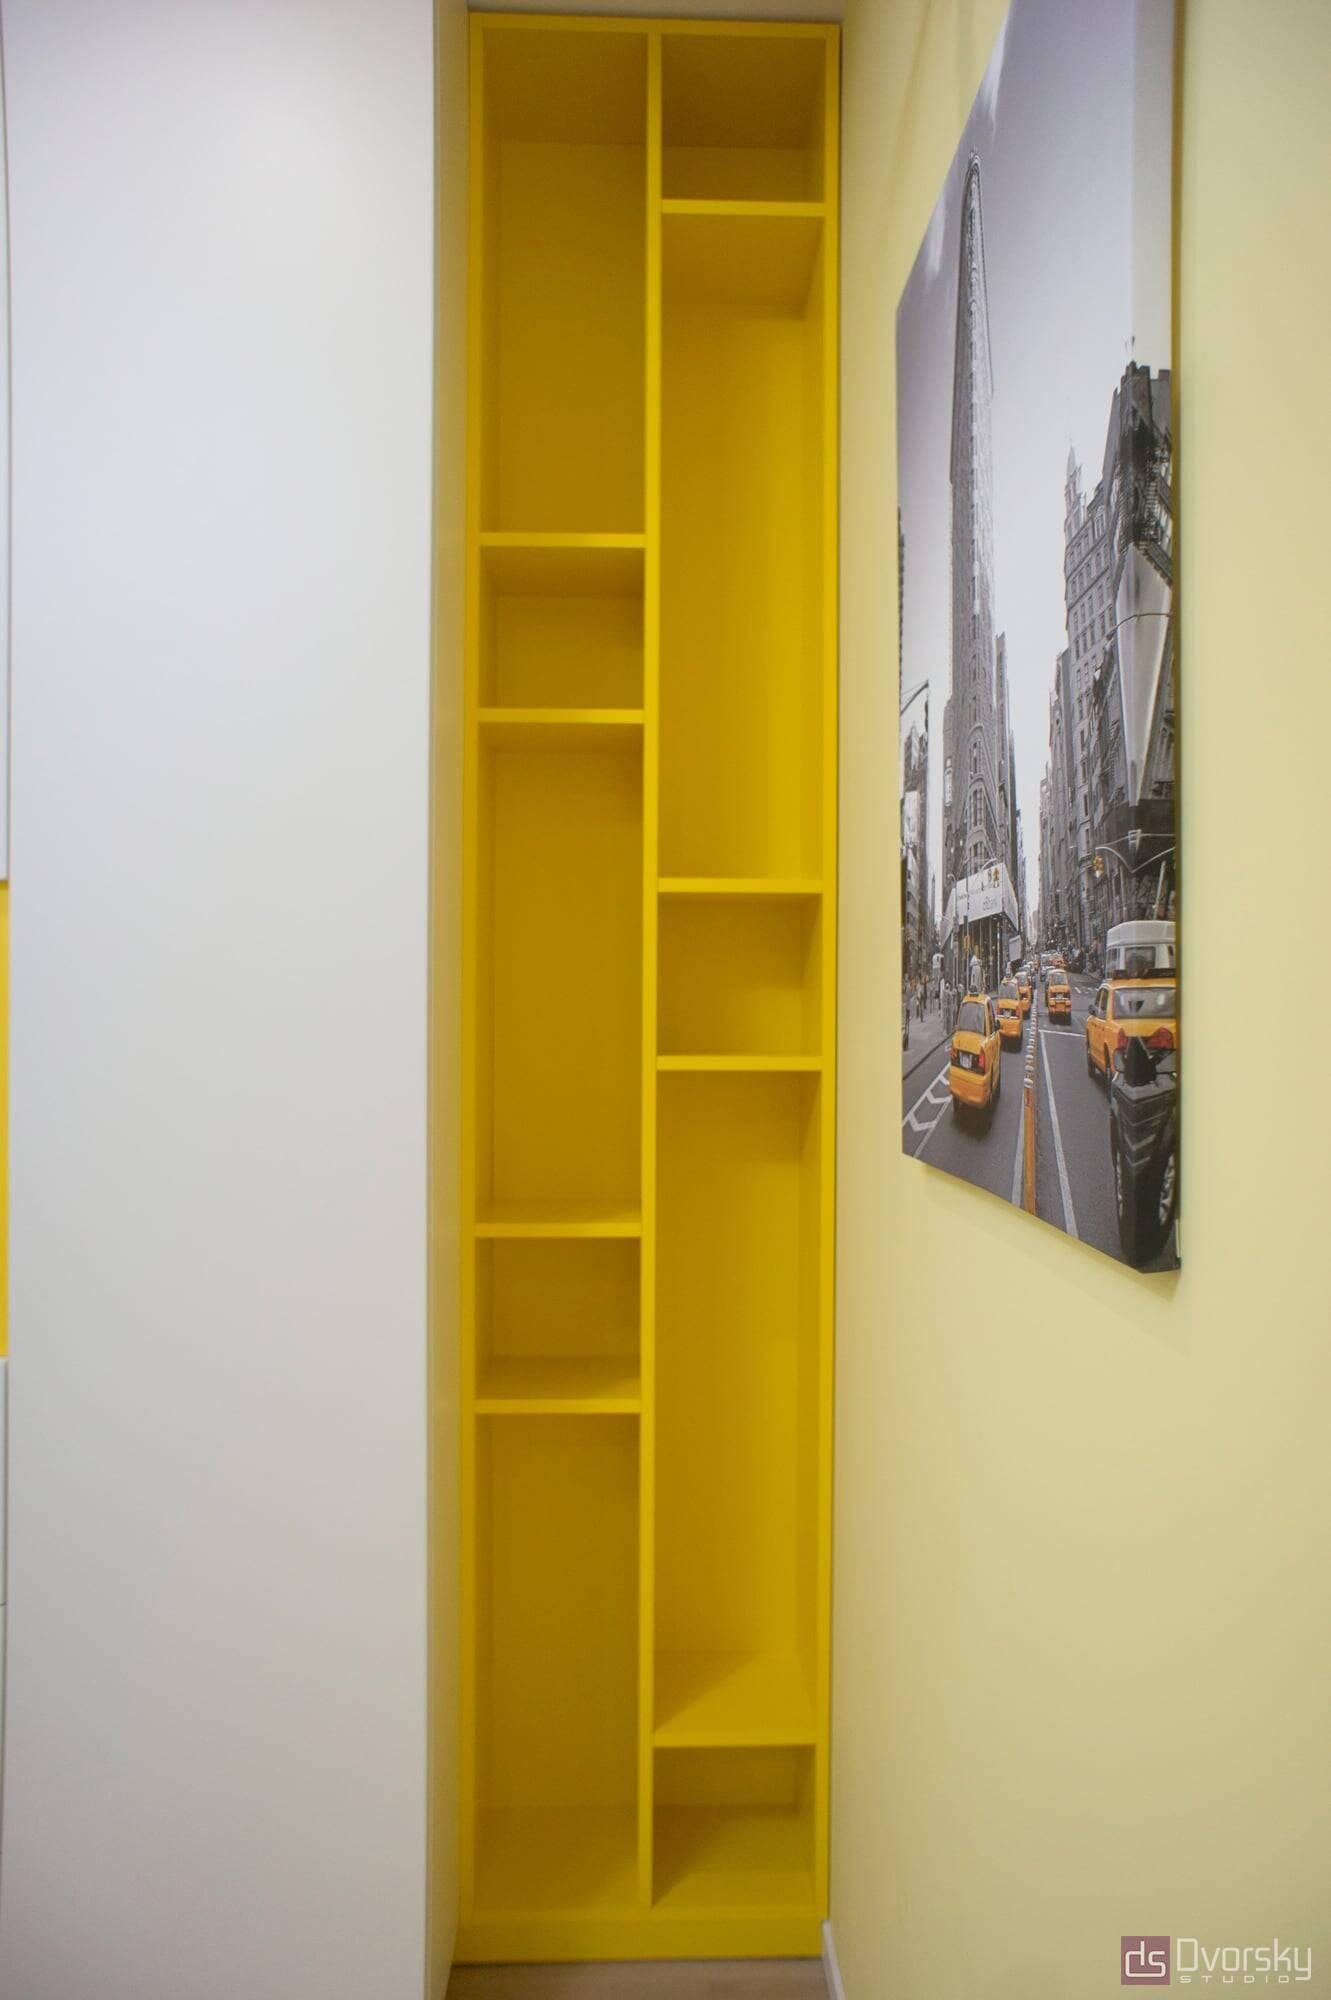 Дитячі Жовта дитяча для підлітка - Фото № 3